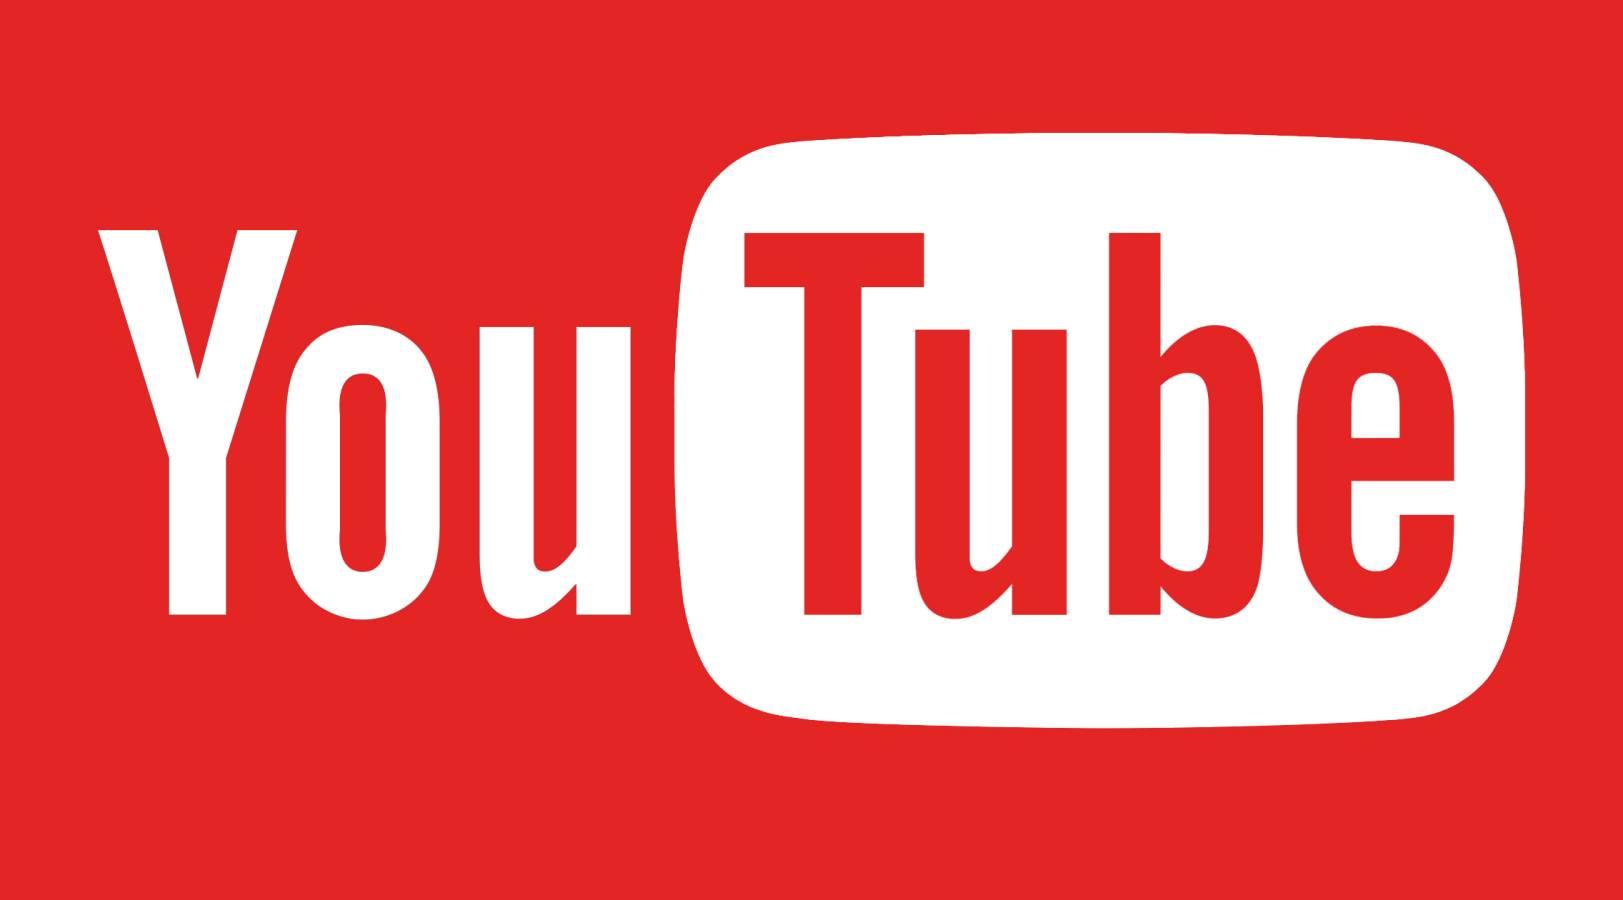 YouTube video coronavirus